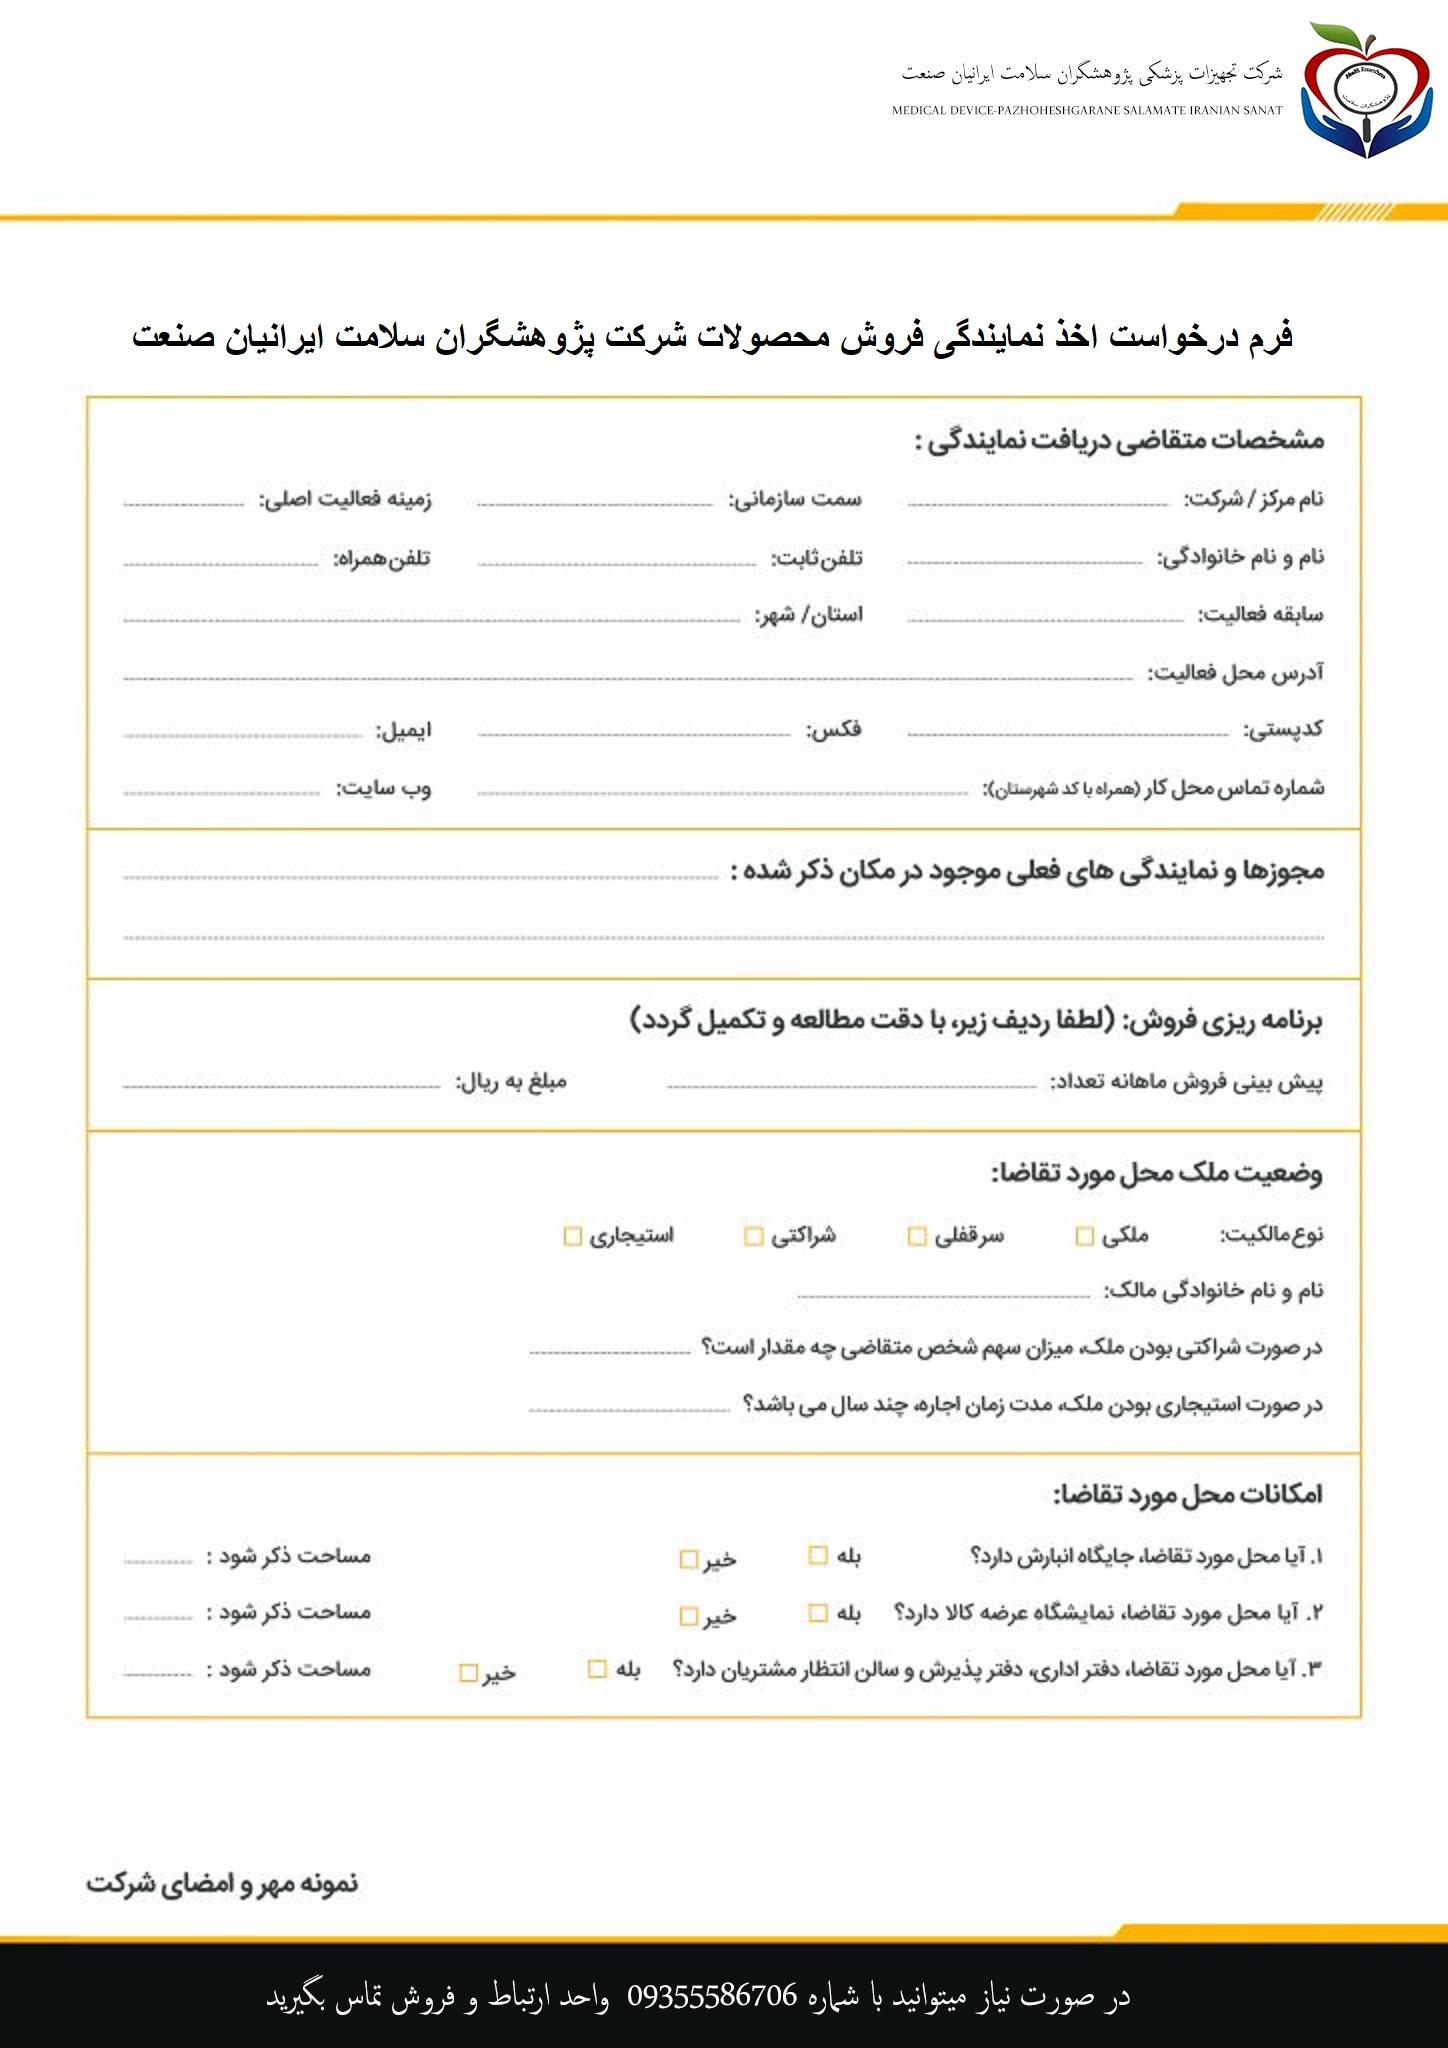 نمایندگی 1 - درخواست نمایندگی